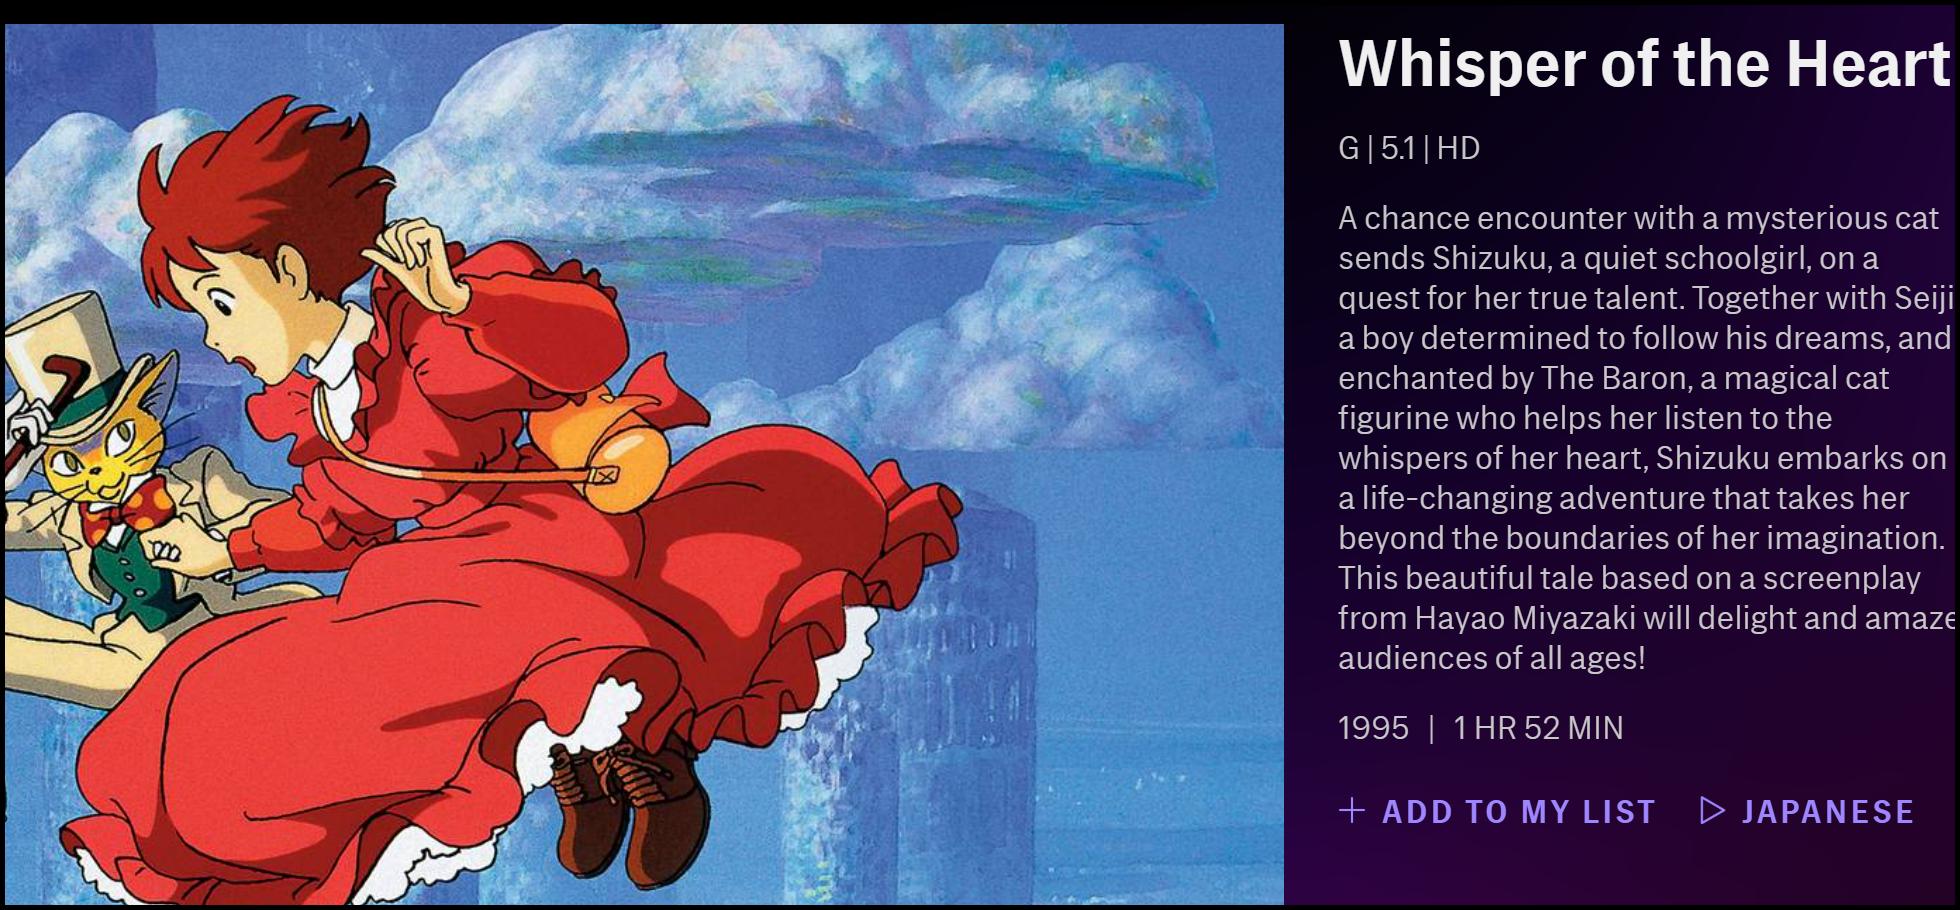 """La description de """"Whisper of the Heart"""" sur HBO Max."""